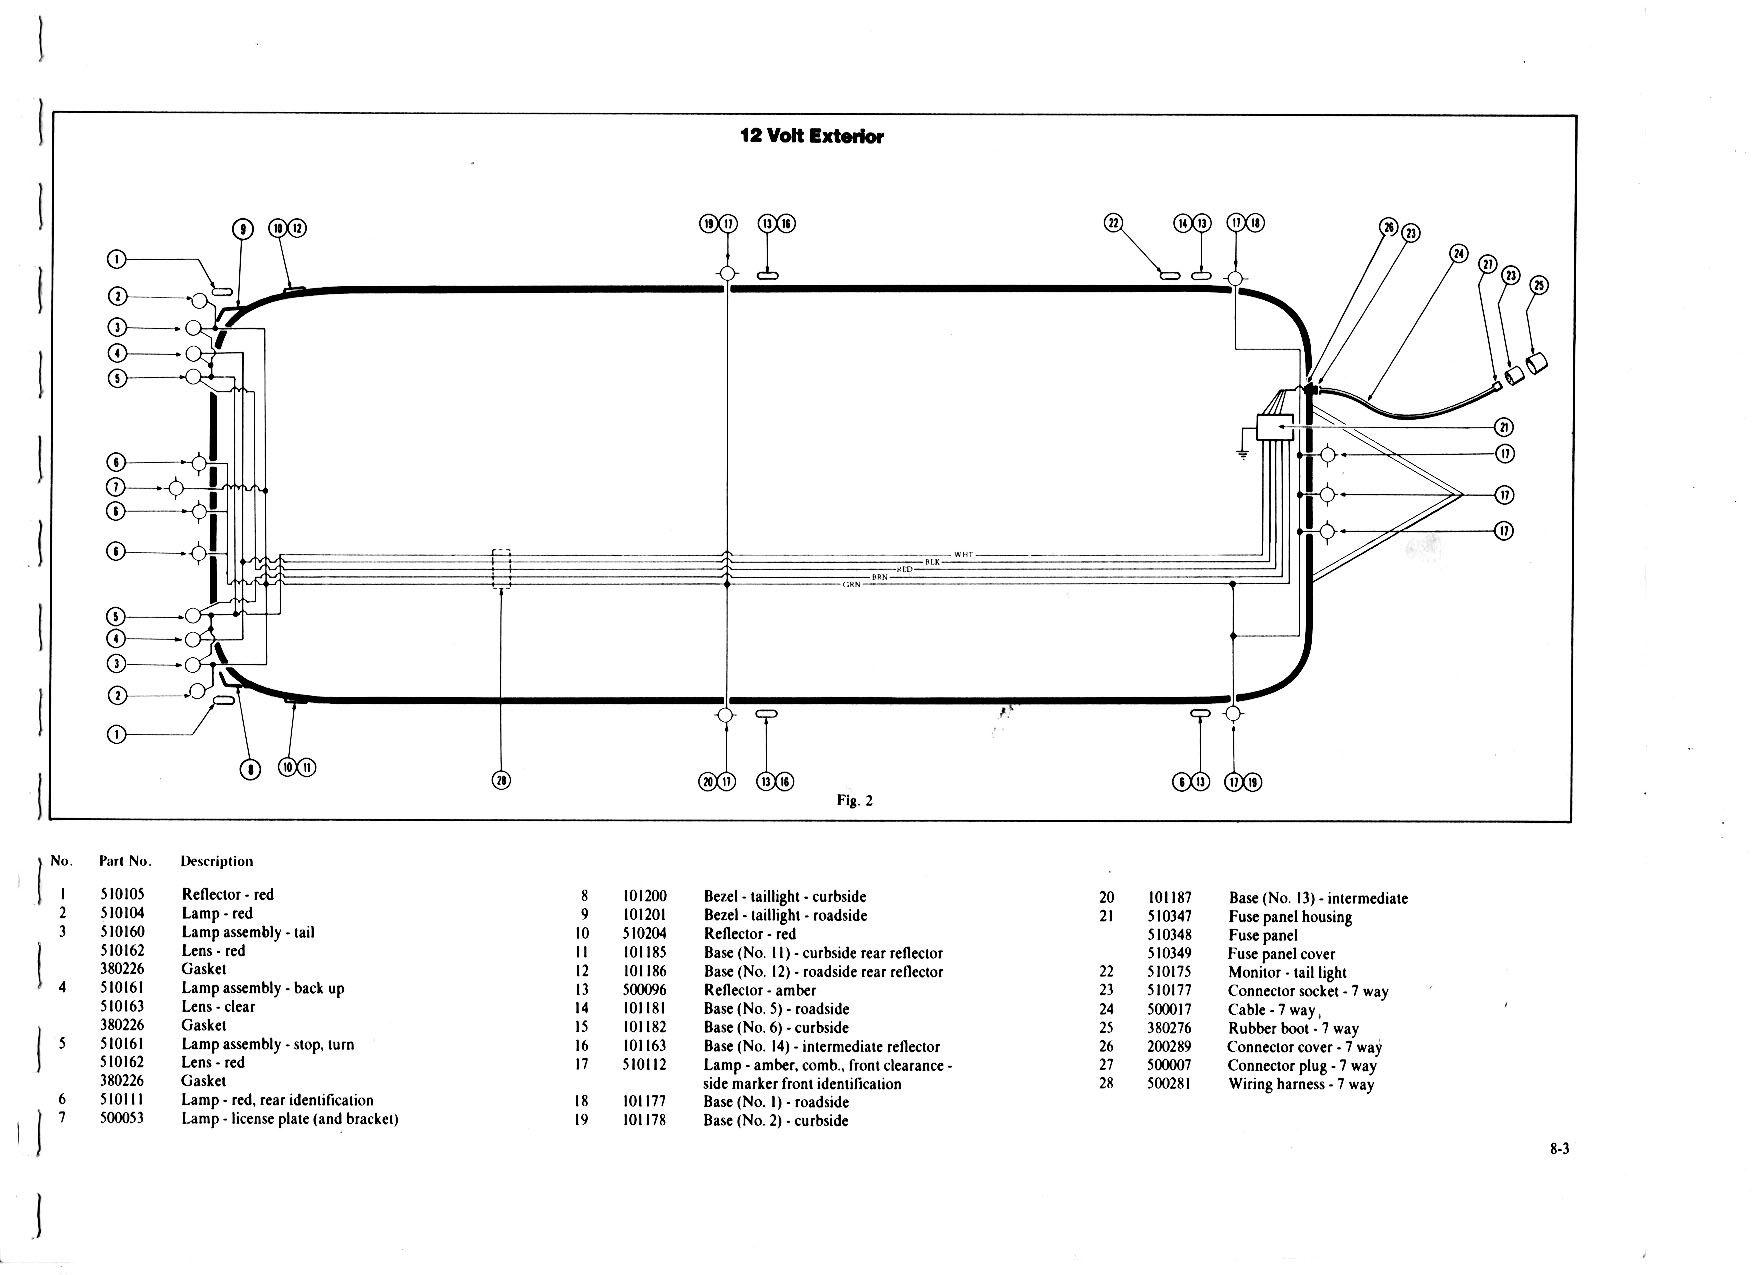 electrical diagrams [ 1753 x 1275 Pixel ]